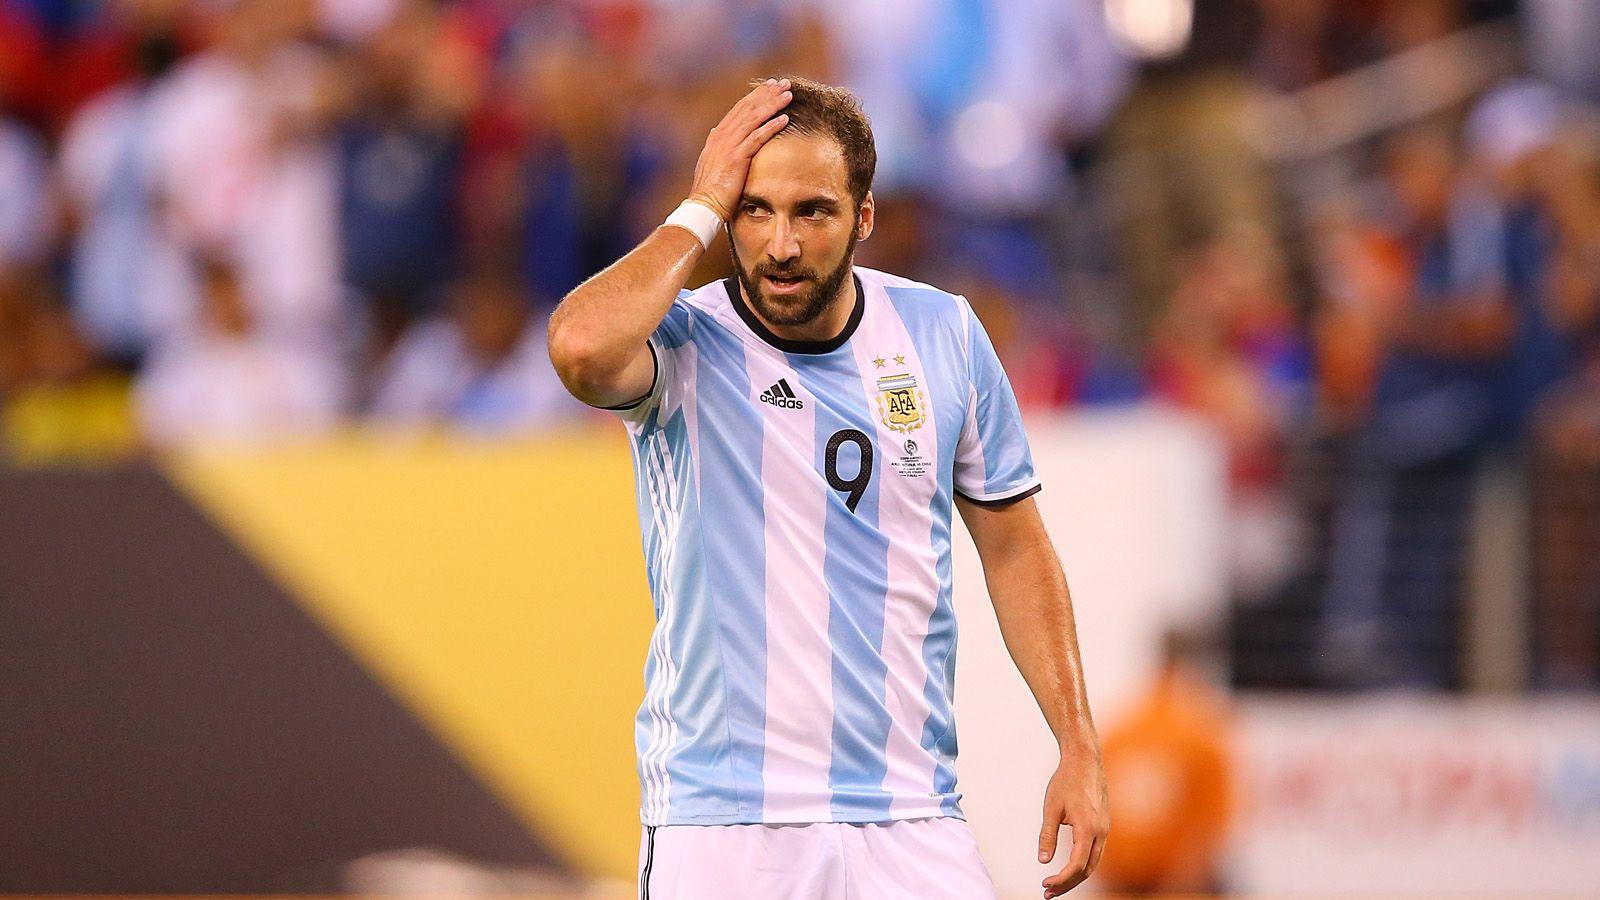 La reunión más esperada: Sampaoli visitó a Gonzalo Higuaín, que podría volver a la Selección